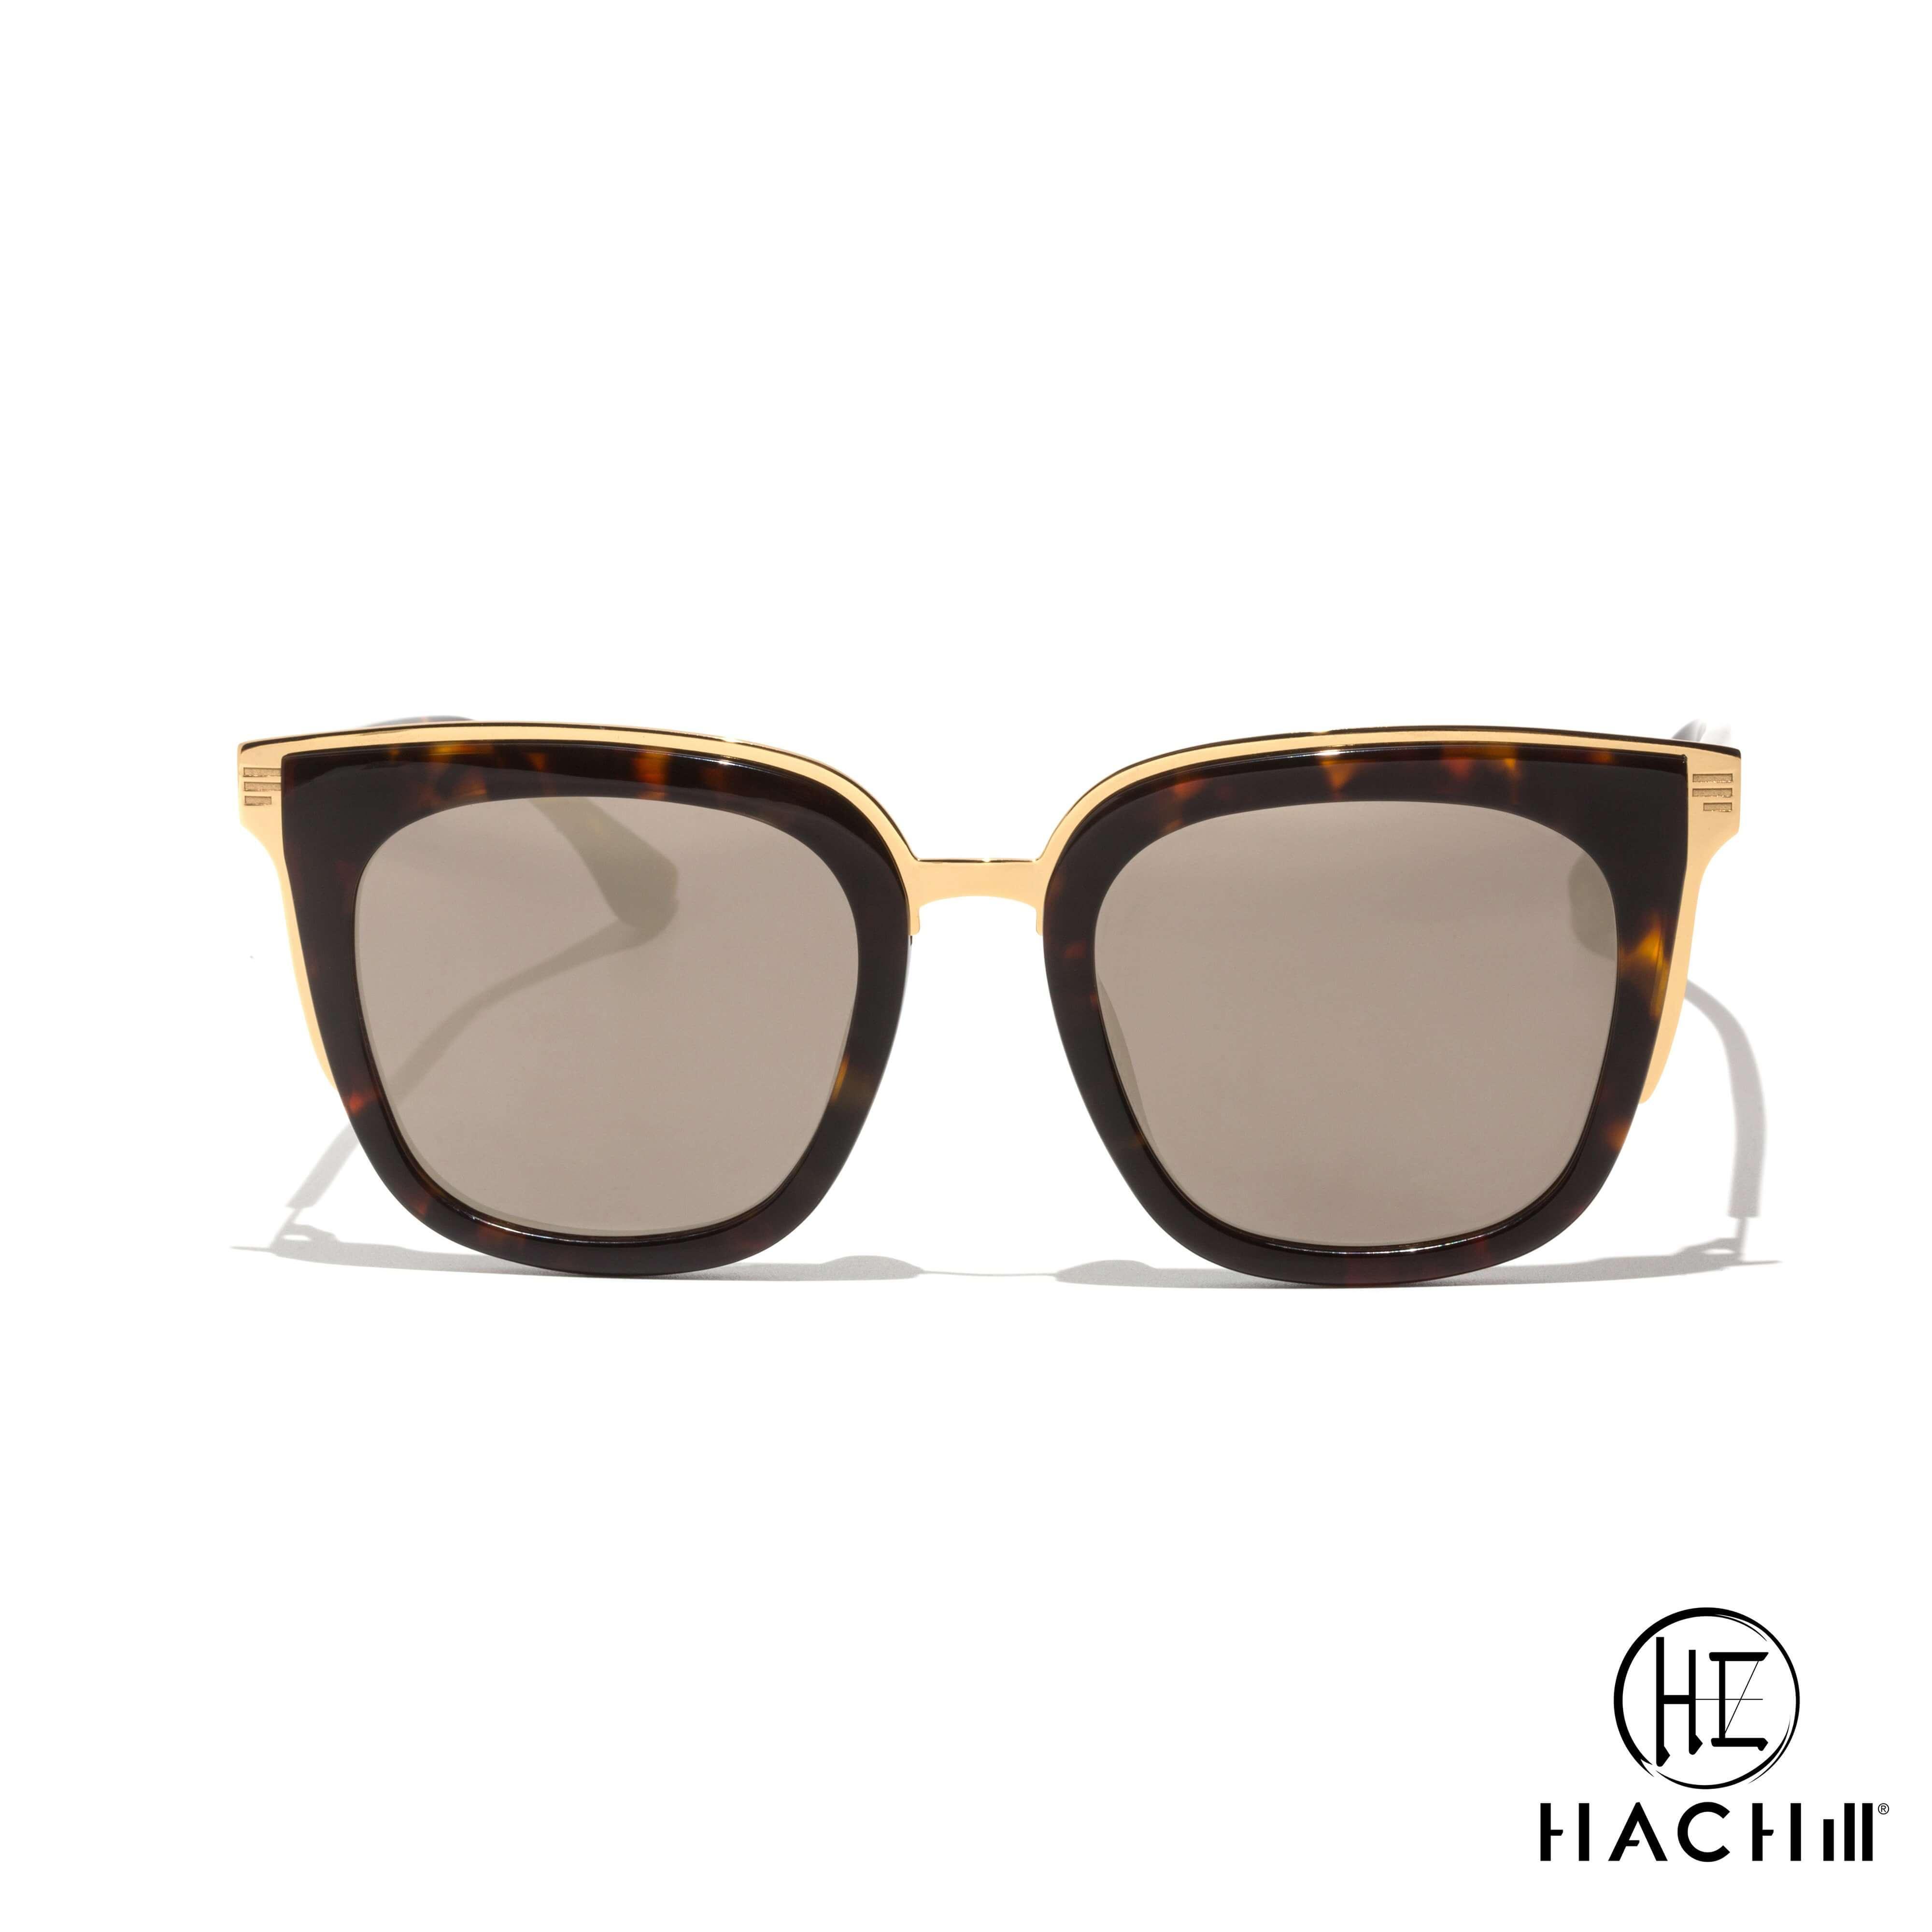 Hachill 太阳眼镜 HC8284S-C2 啡色